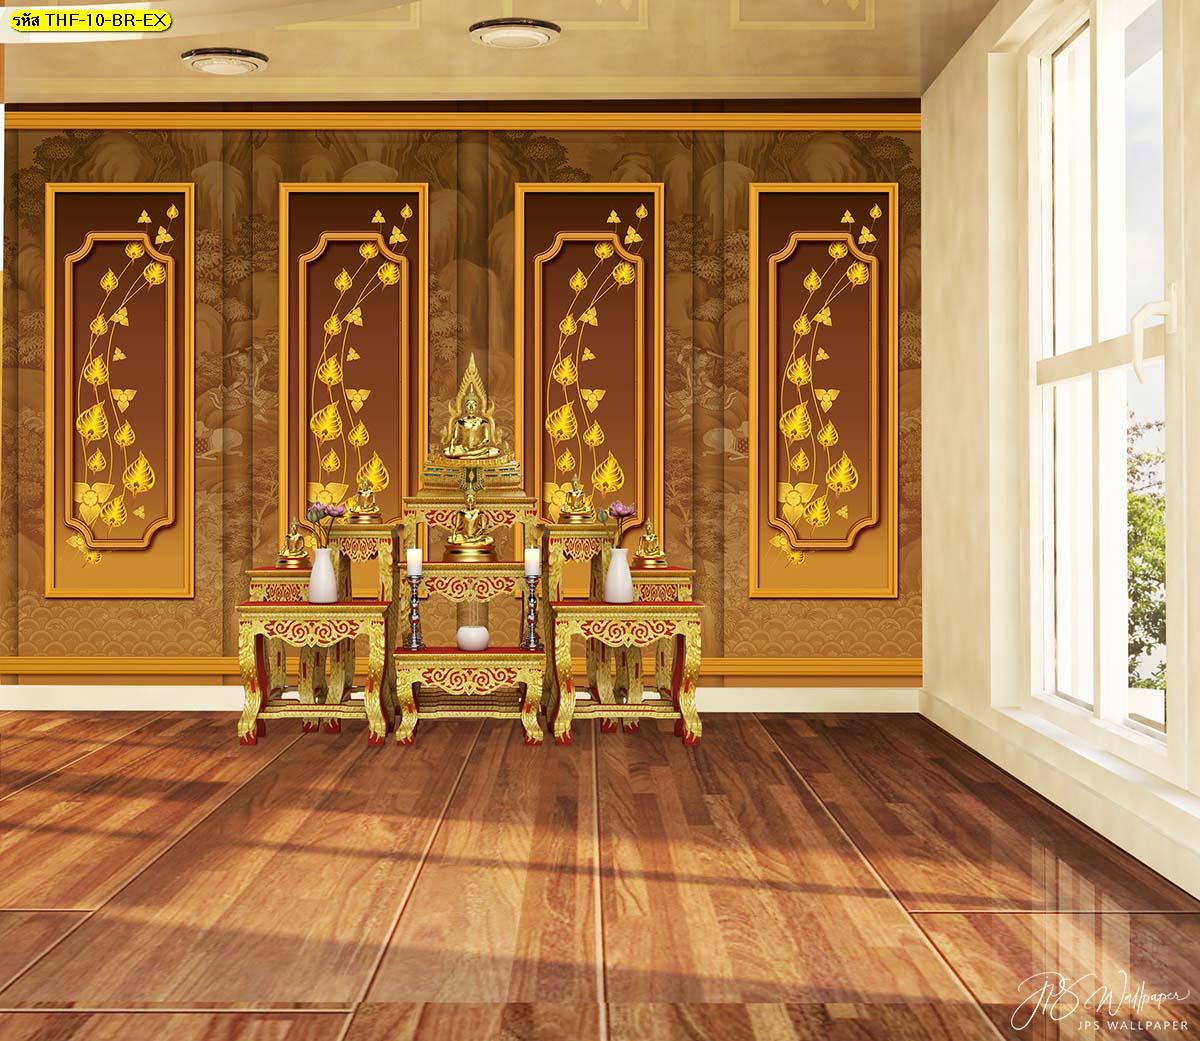 จัดห้องพระให้เหมาะกับบ้านเรือนไม้ด้วยสีโทนอุ่น ใช้สีขาวบริเวณหน้าต่างให้ความรู้สึกสงบ